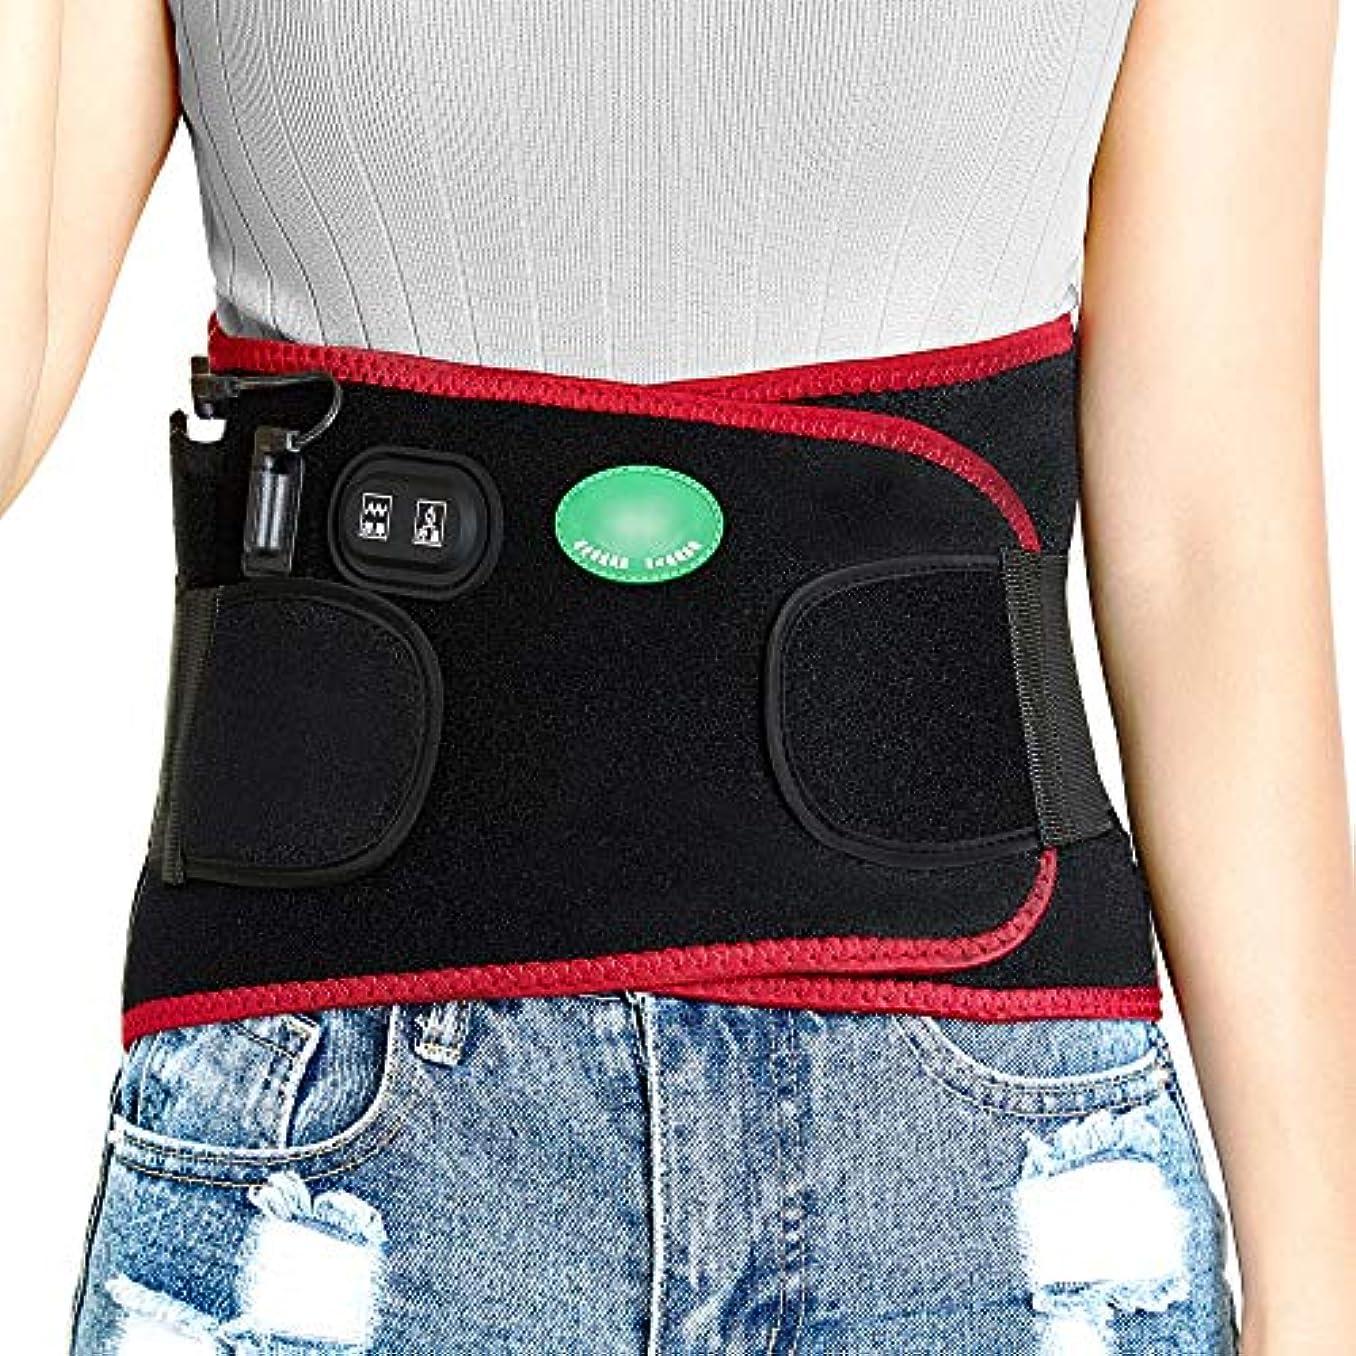 強化する冷えるフレキシブル腰用温熱ベルト 腰を支える 腰間盤際立っている 遠赤外線 腰椎の痛み緩和 3段階温度調節 充電式マッサージ振動する労損 熱をつける男女